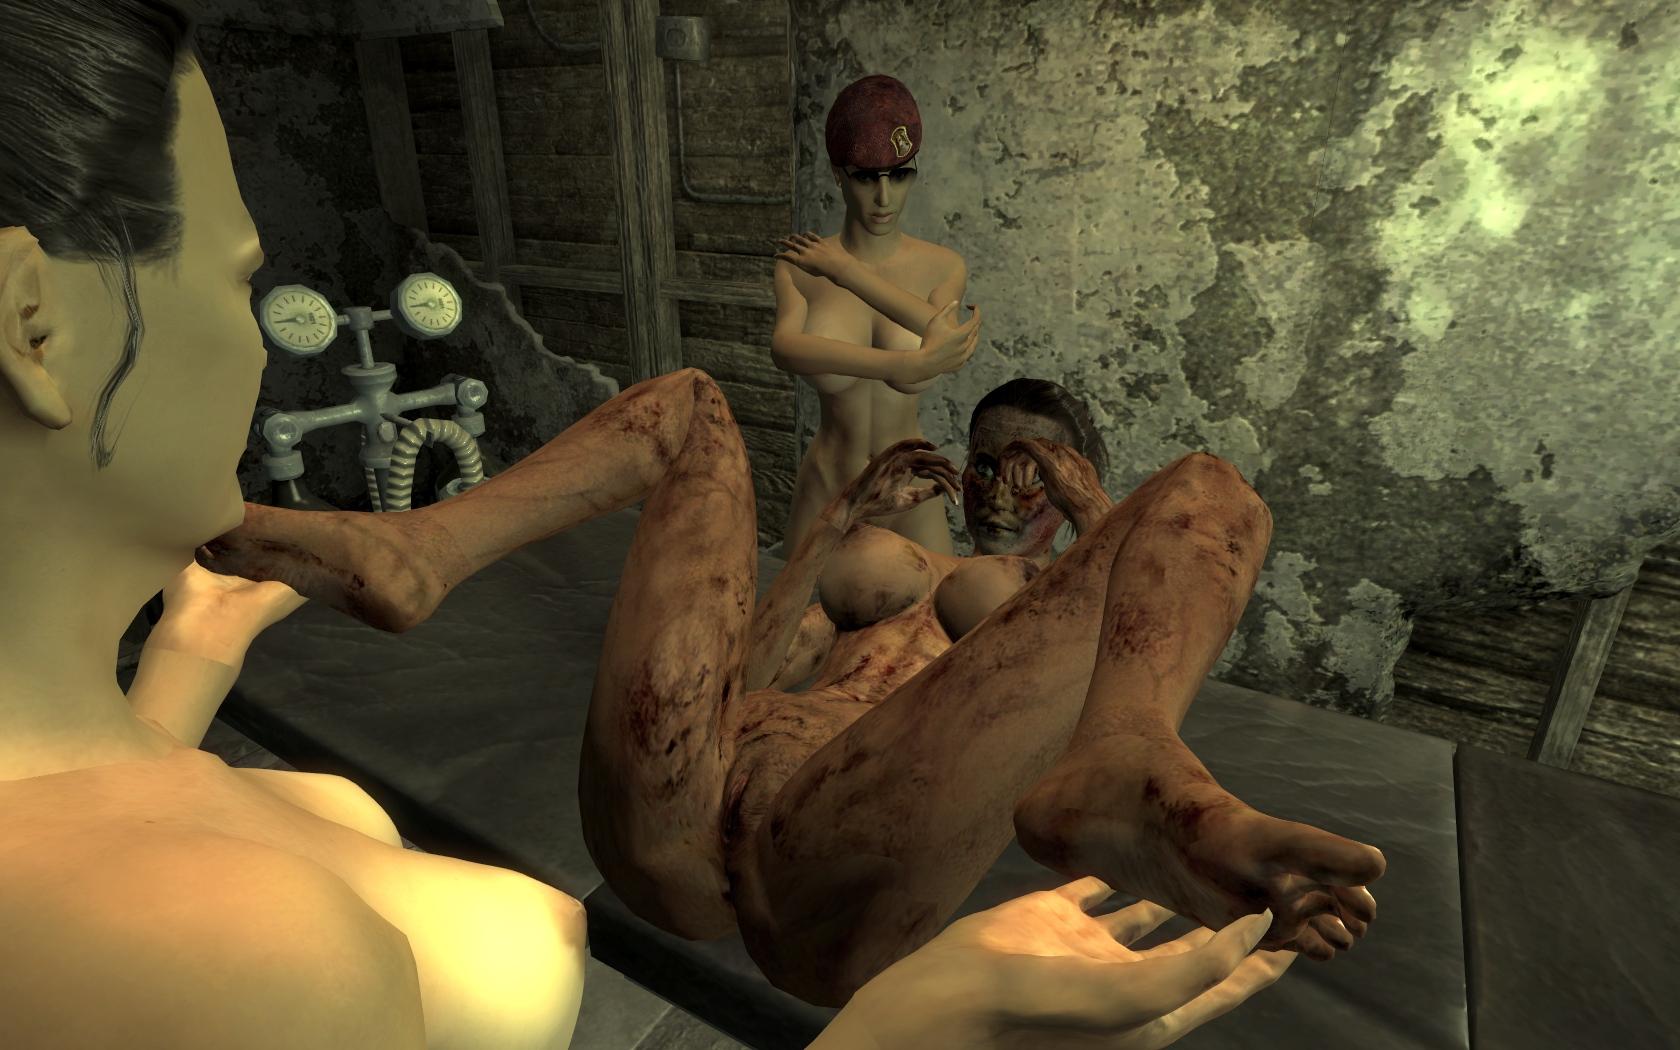 Sfm Fallout New Vegas Porn